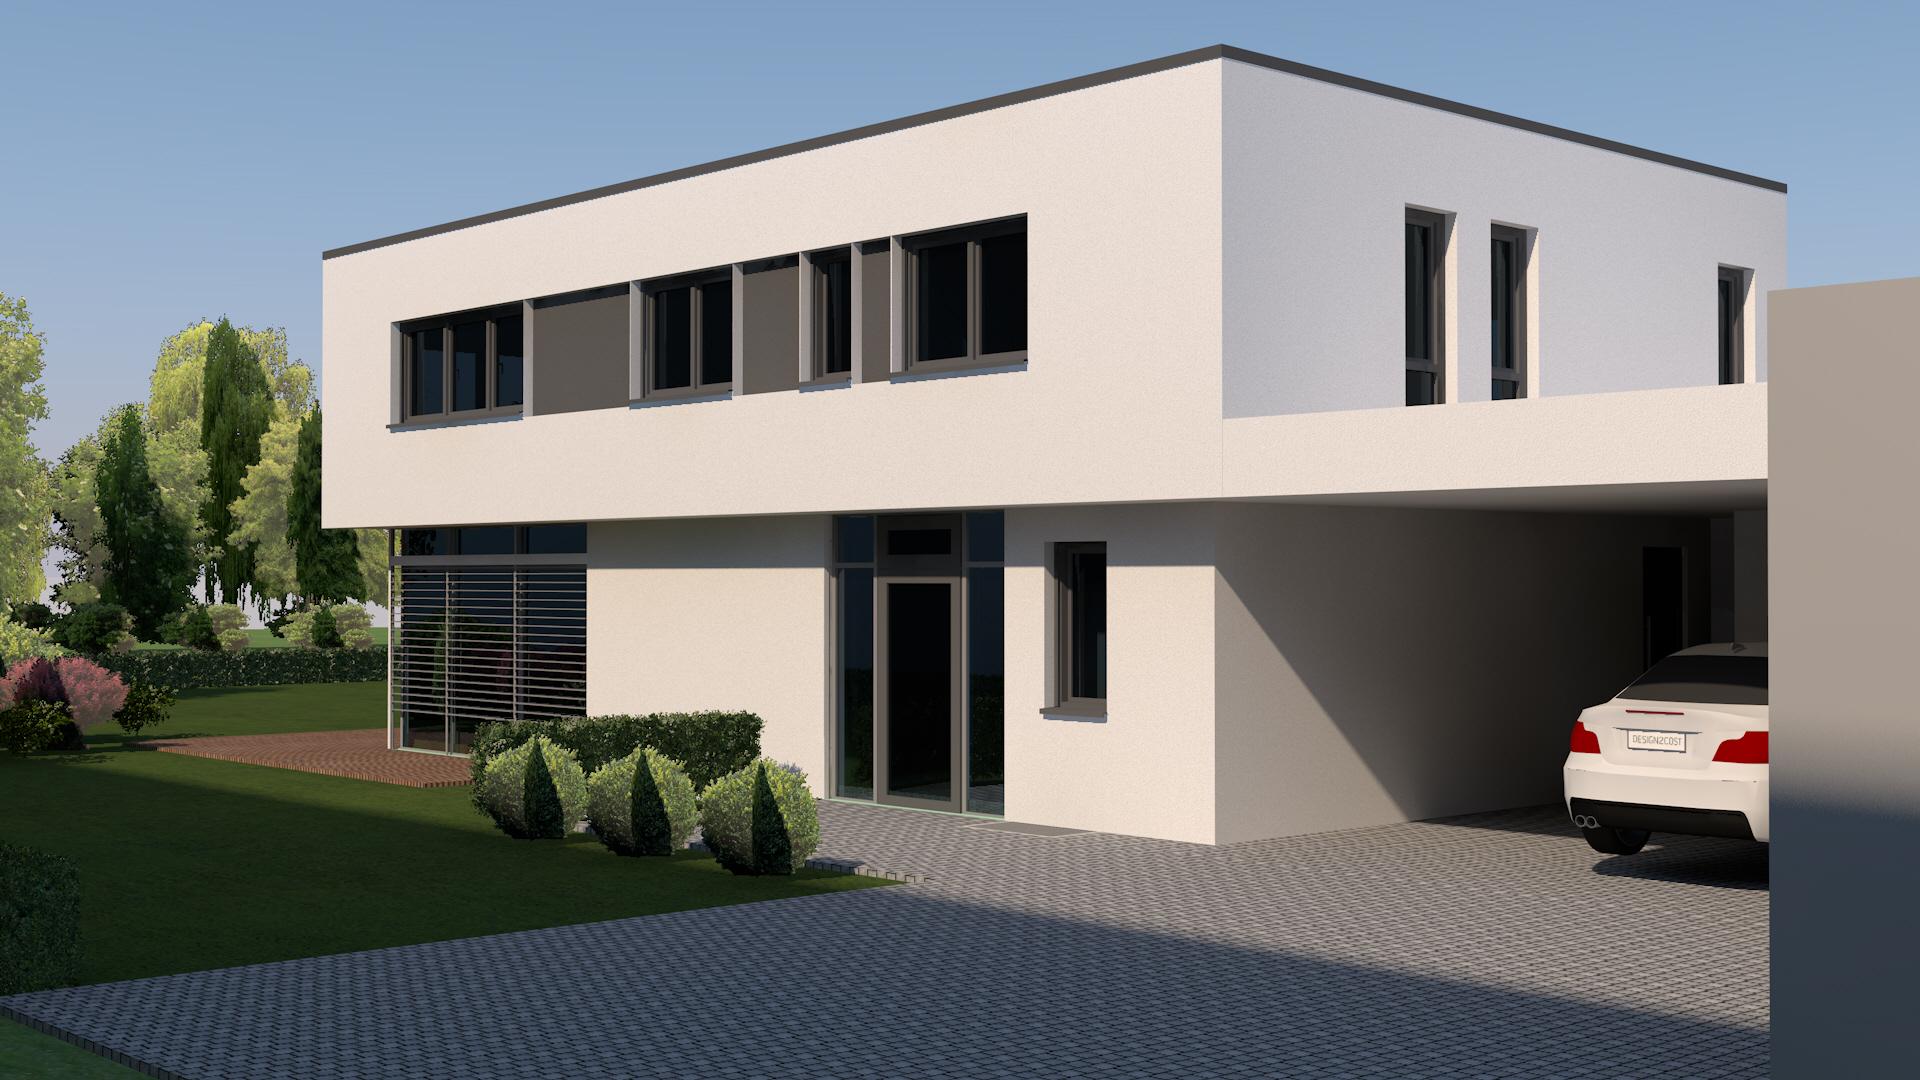 Ansprechend Flachdachhaus Ideen Von Modernes Neubau; Modernes Neubau; Modernes Neubau